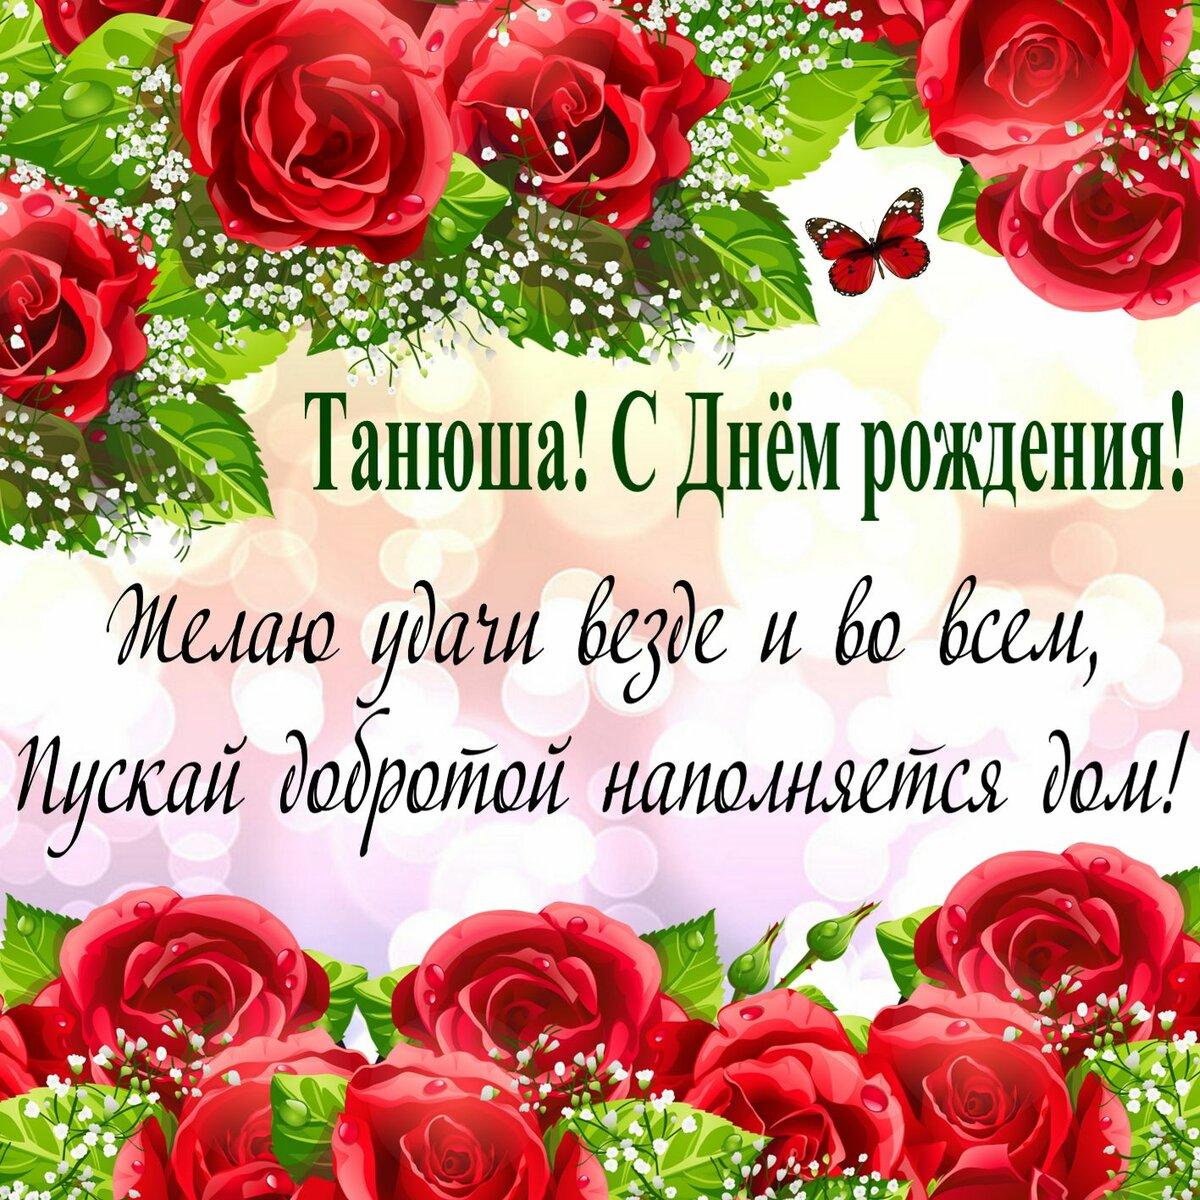 Поздравлениями, открытки с днем рождения женщине красивые мерцающие по имени татьяне